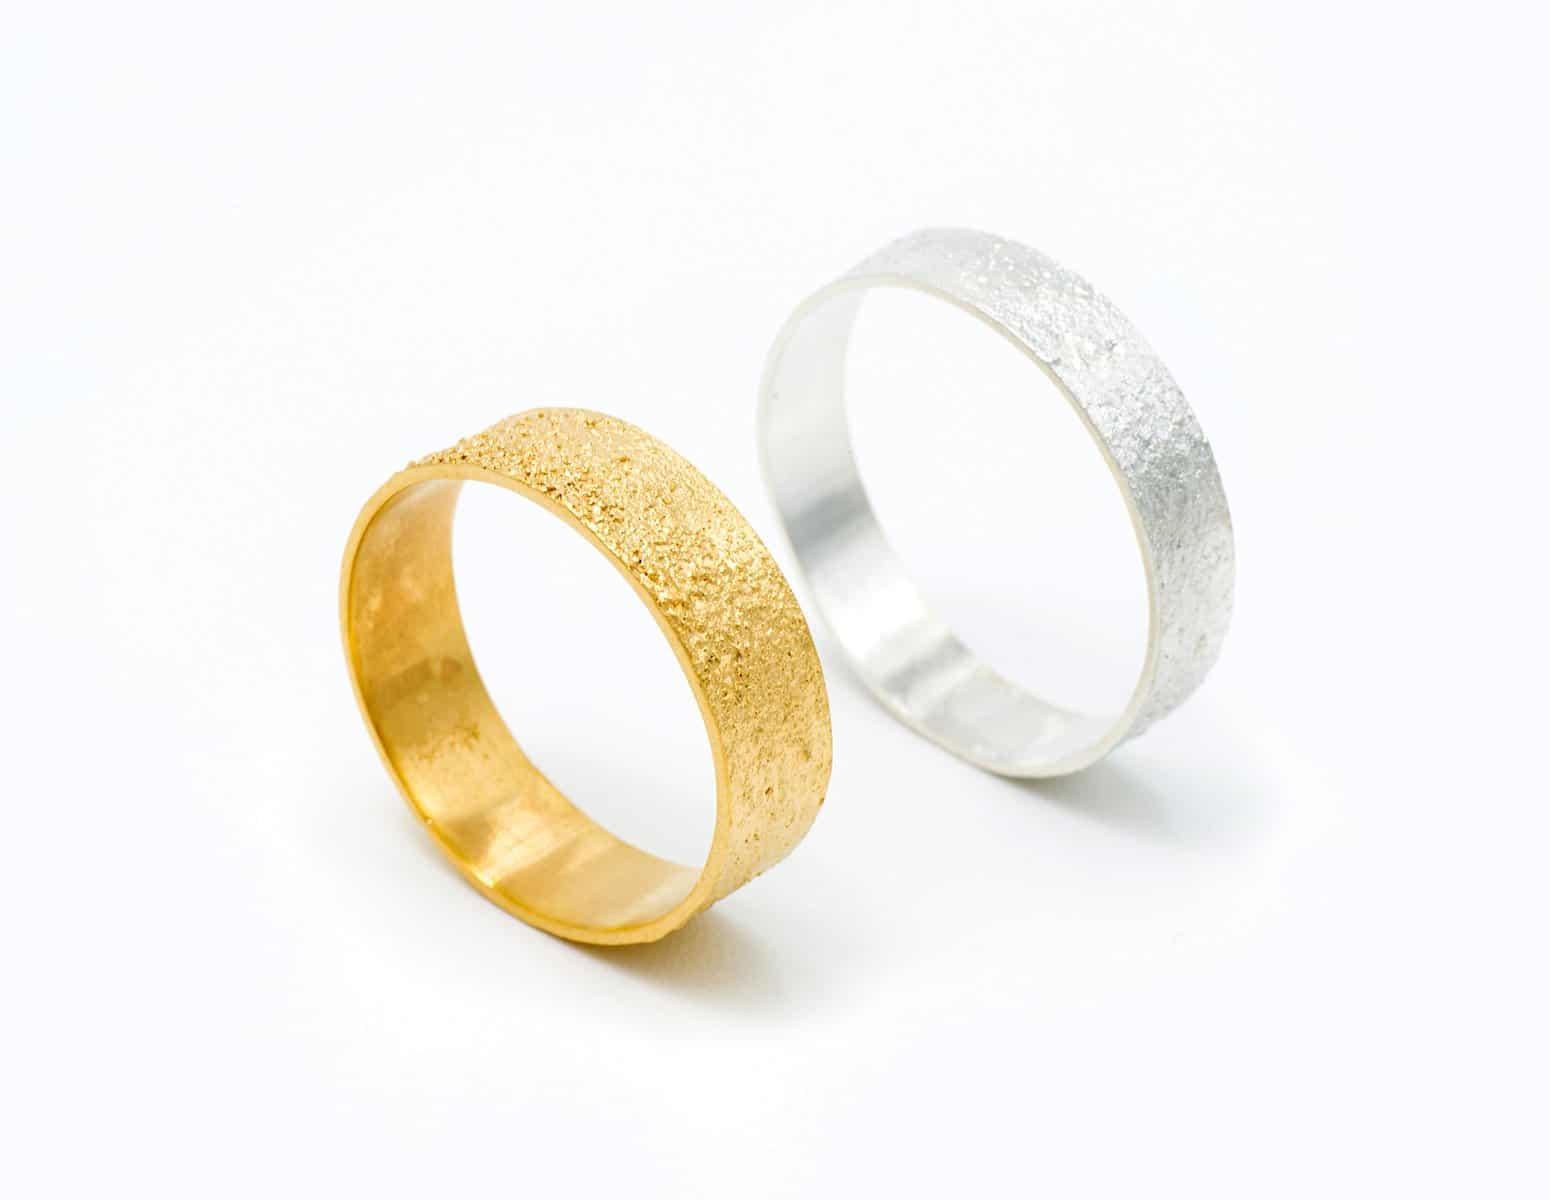 Anillos de compromiso artesanales en oro justo Fairmined